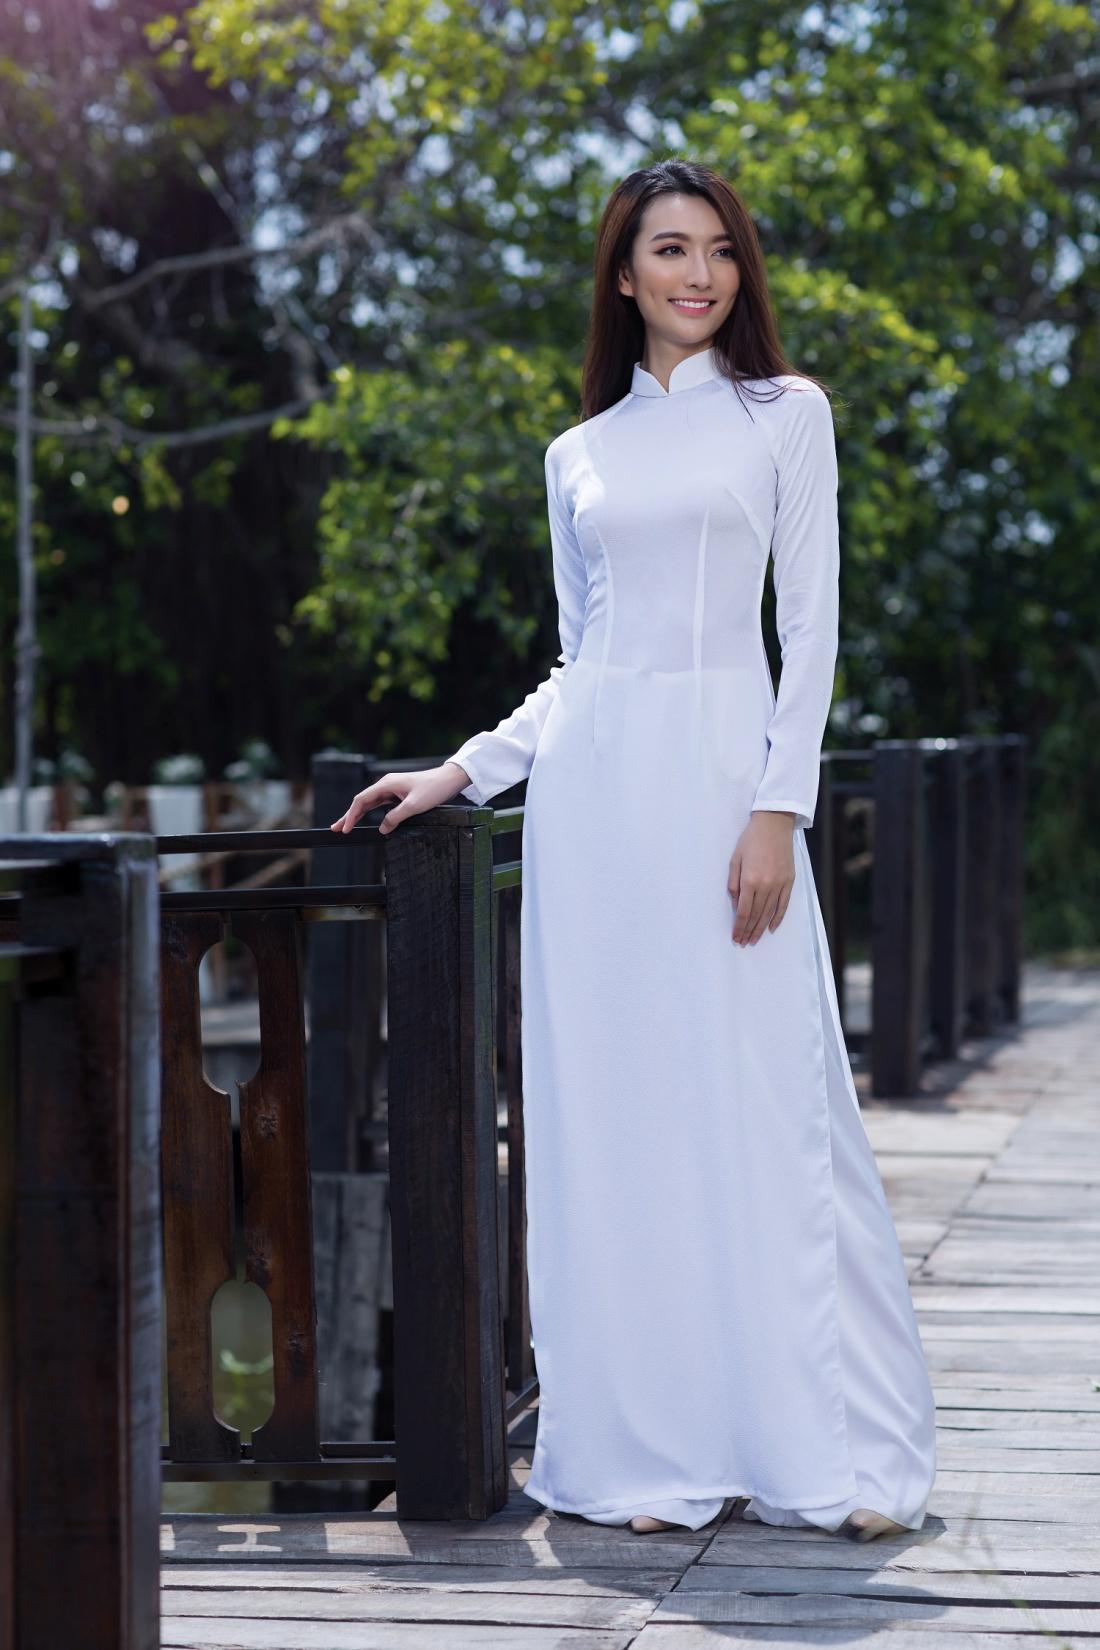 Những lỗi khi diện áo dài nữ sinh nên lưu ý - Ảnh 1.